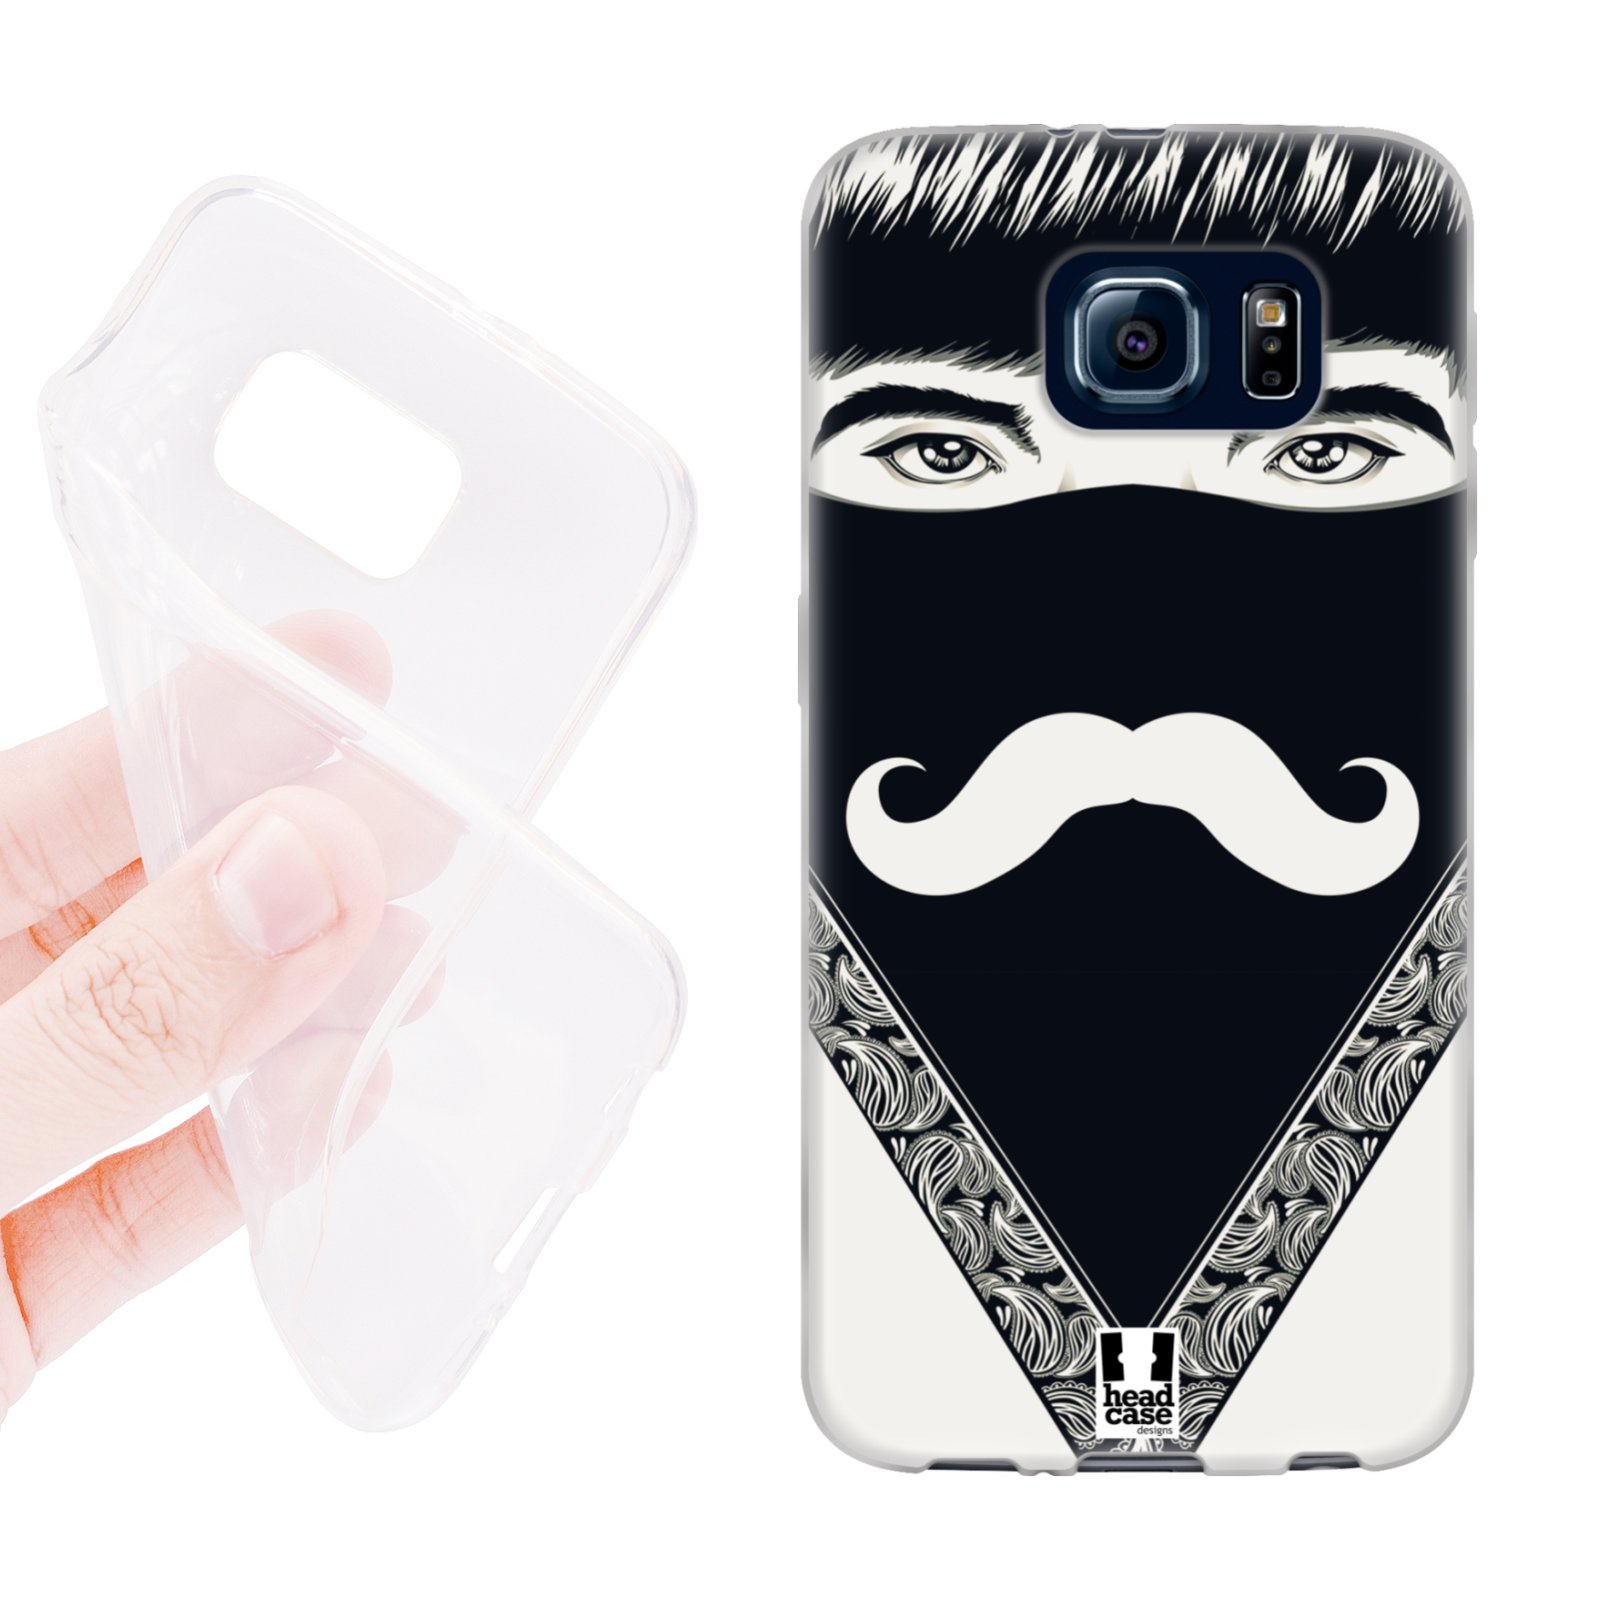 d4e1e3053 HEAD CASE silikonový obal na mobil Samsung galaxy S6 šátek knírek černá a  bílá